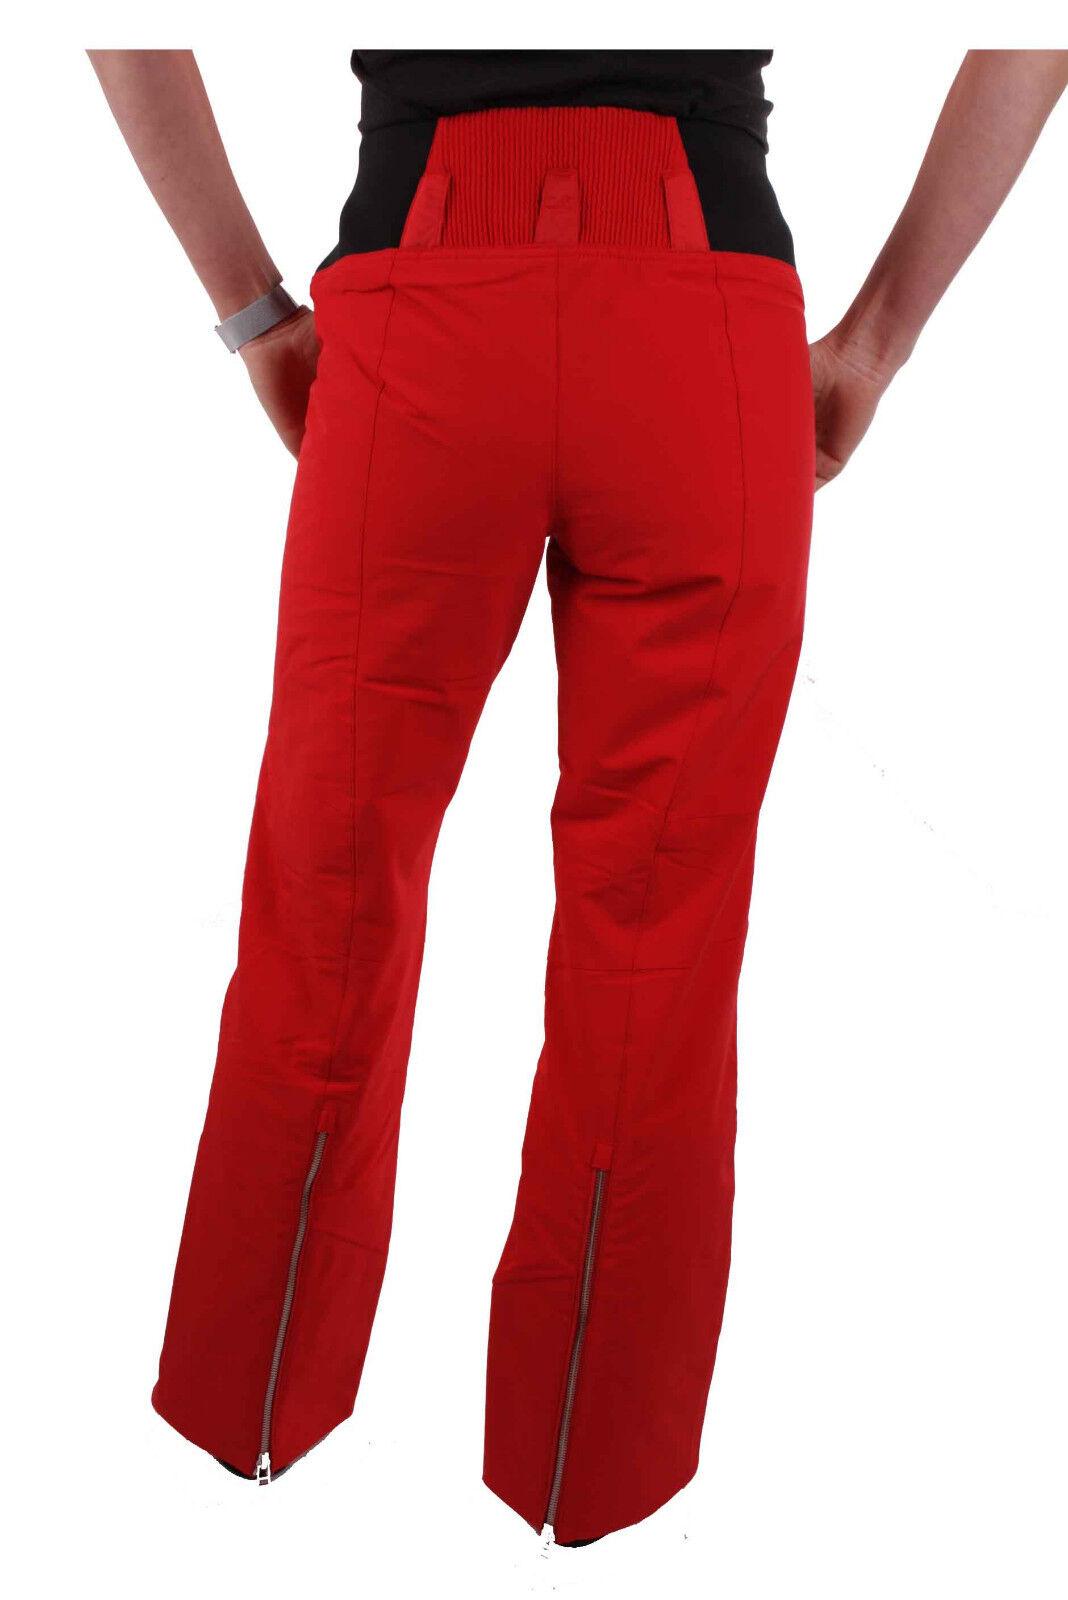 Spyder Donna Donna Donna Pantaloni da Sci Rubino Cucita Vestibilità Rosso Erl 38-40 156726